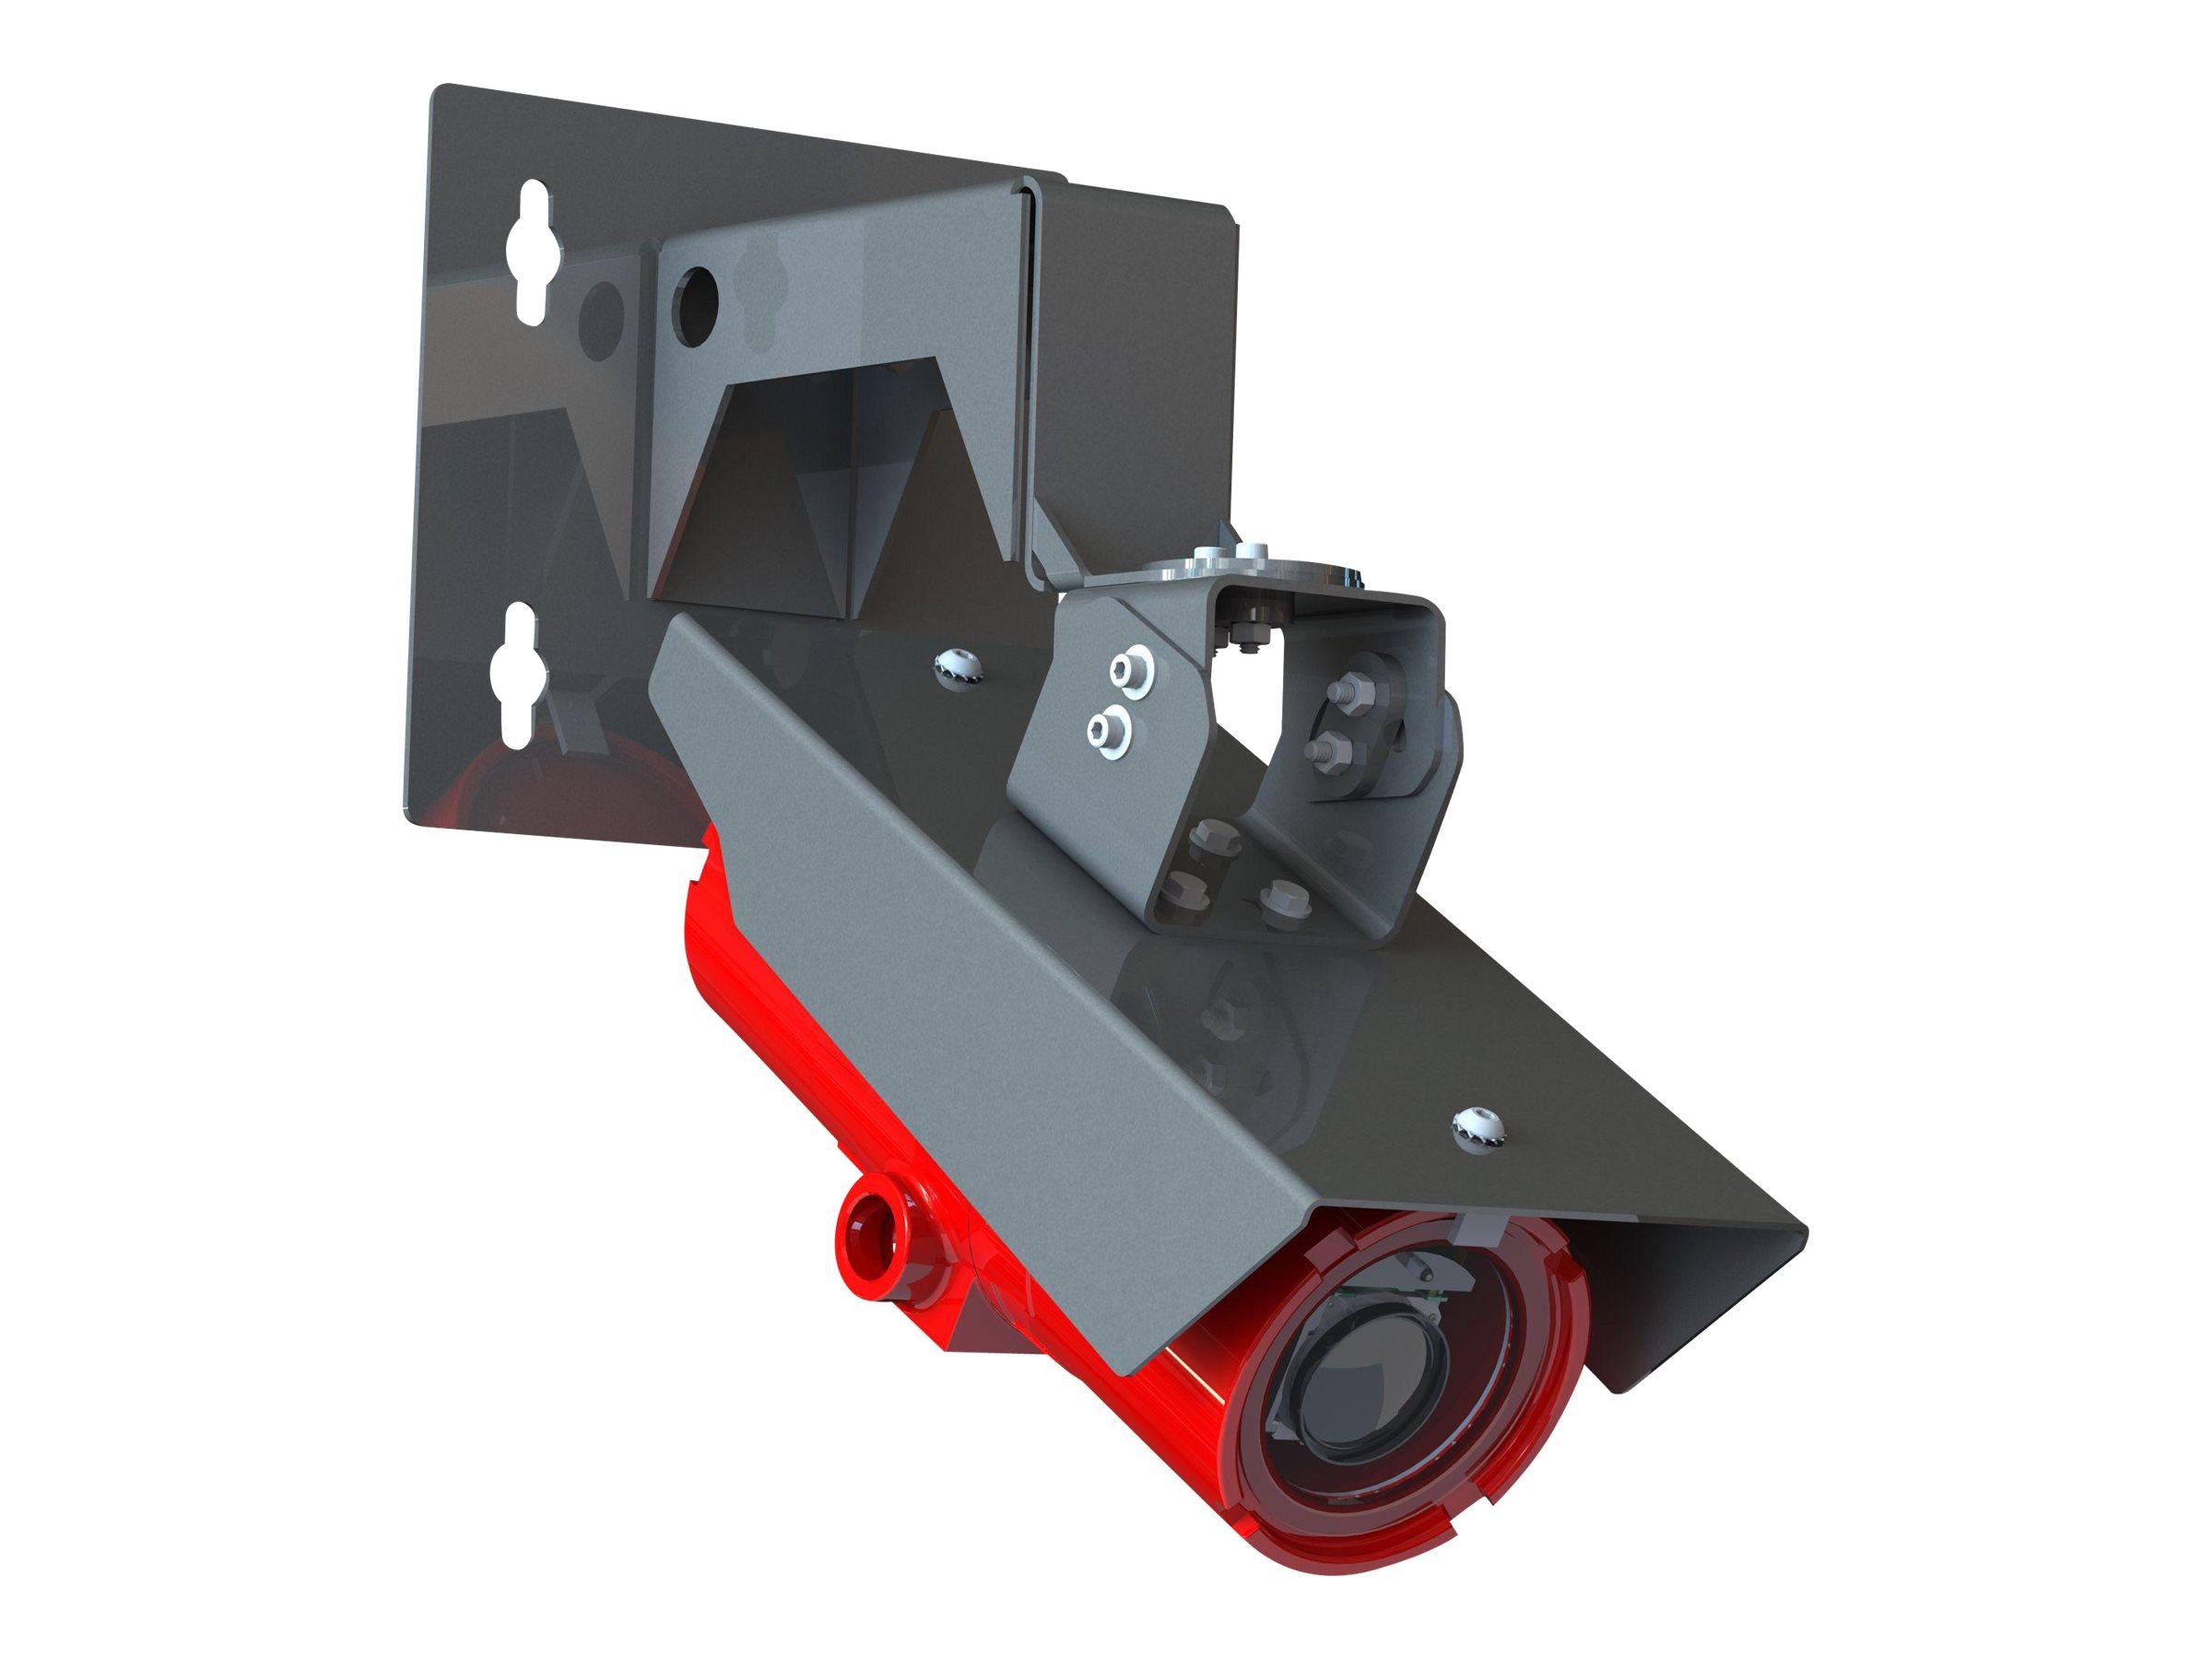 AXIS F101-A XF P1367 - Netzwerk-Überwachungskamera - Kuppel - explosionssicher - Farbe (Tag&Nacht) - 5 MP